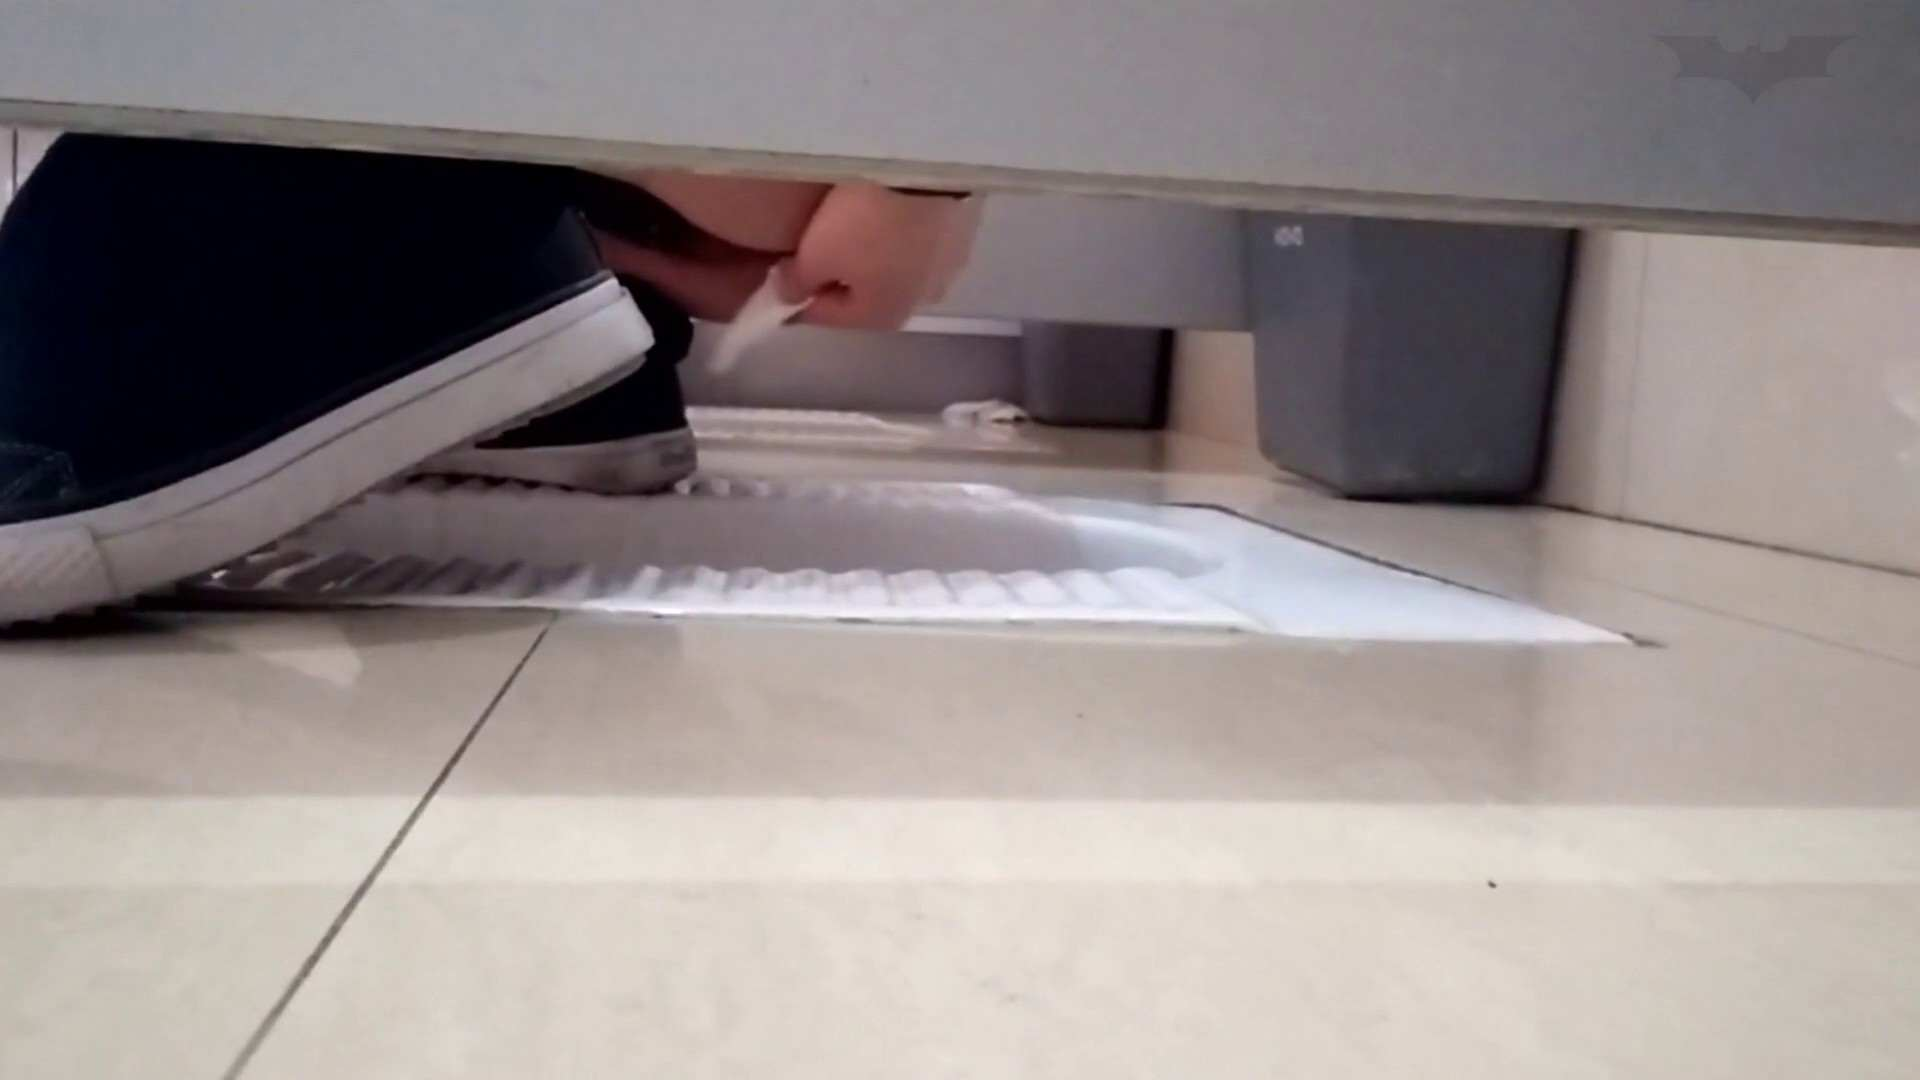 芸術大学ガチ潜入盗撮 JD盗撮 美女の洗面所の秘密 Vol.97 洗面所  91PIX 7